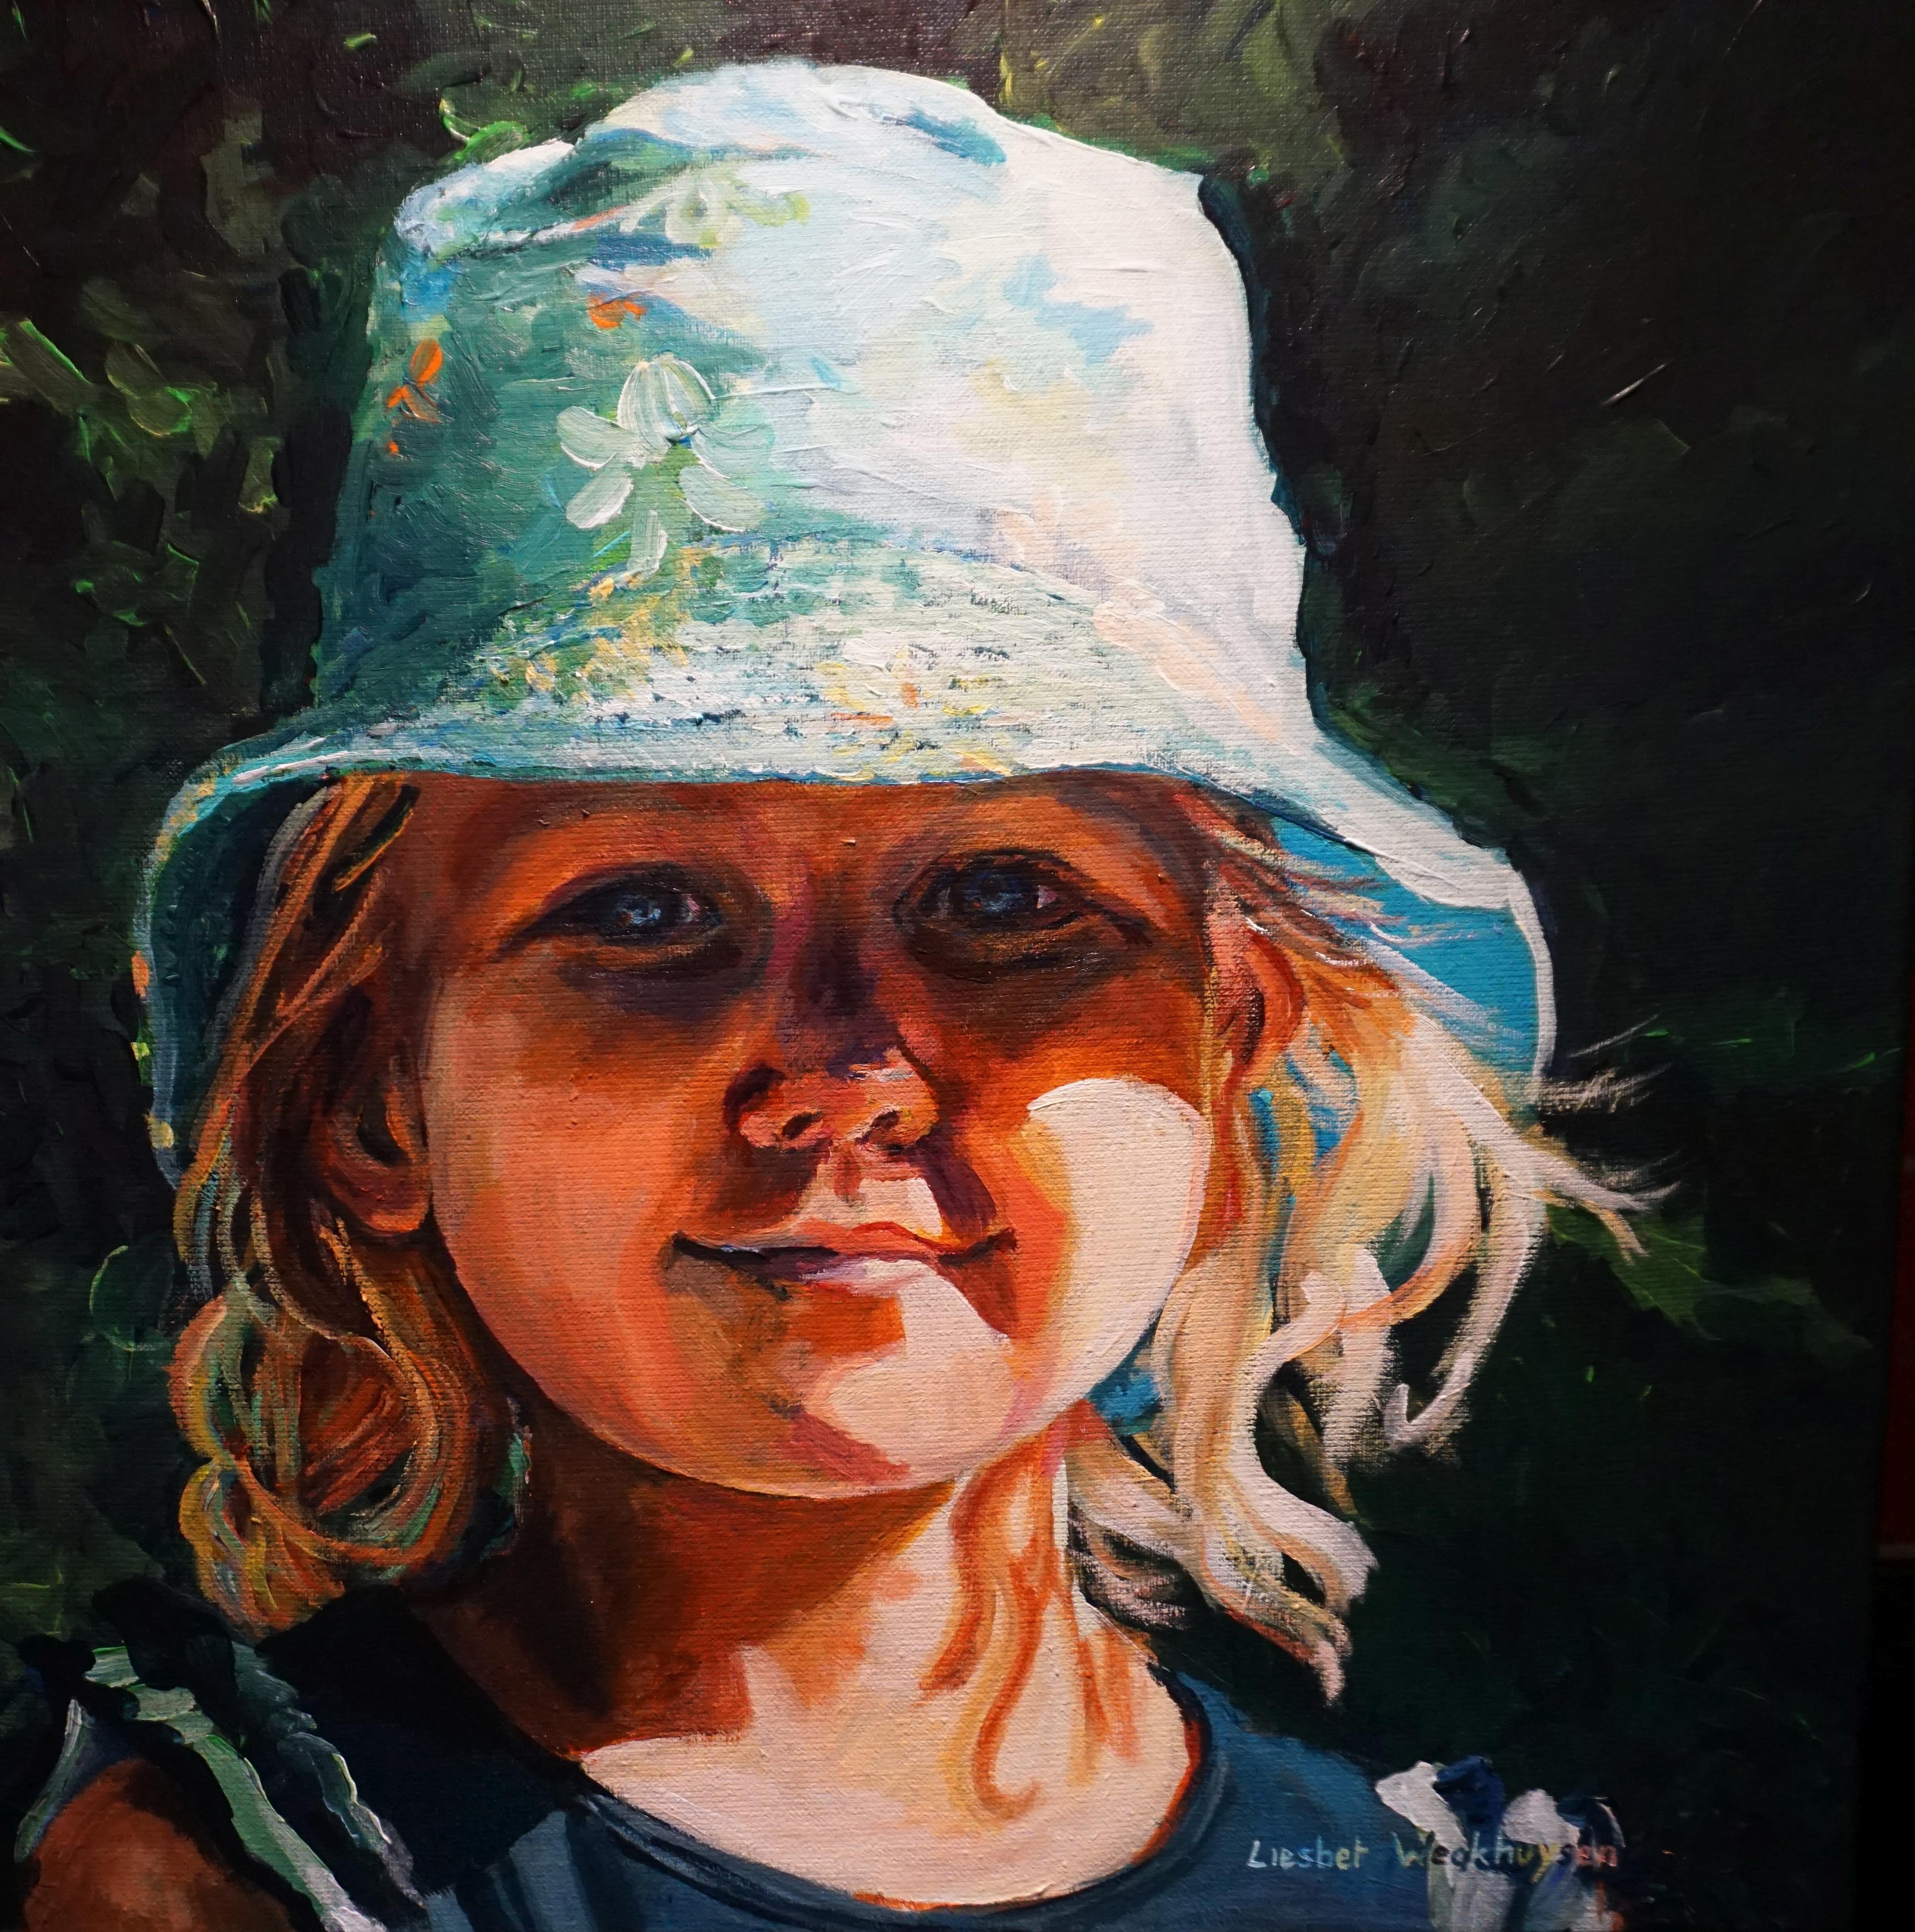 Rosanne Liesbet Weckhuysen